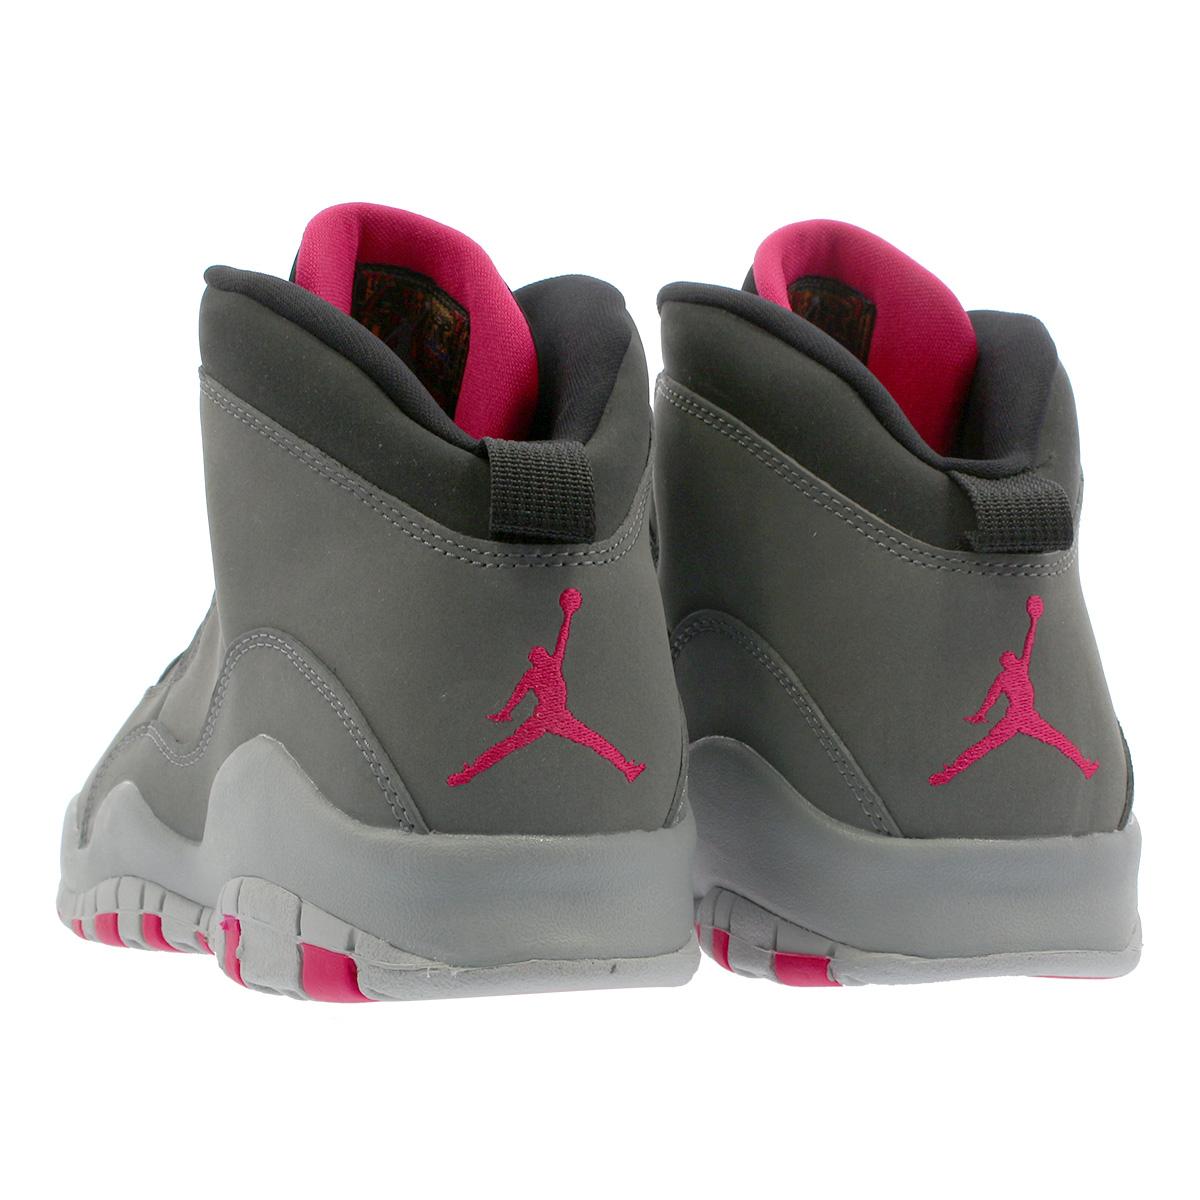 separation shoes 5a5c4 71256 NIKE AIR JORDAN 10 RETRO GG Nike Air Jordan 10 nostalgic GG DARK SMOKE GREY RUSH  PINK BLACK IRON GREY 487,211-006